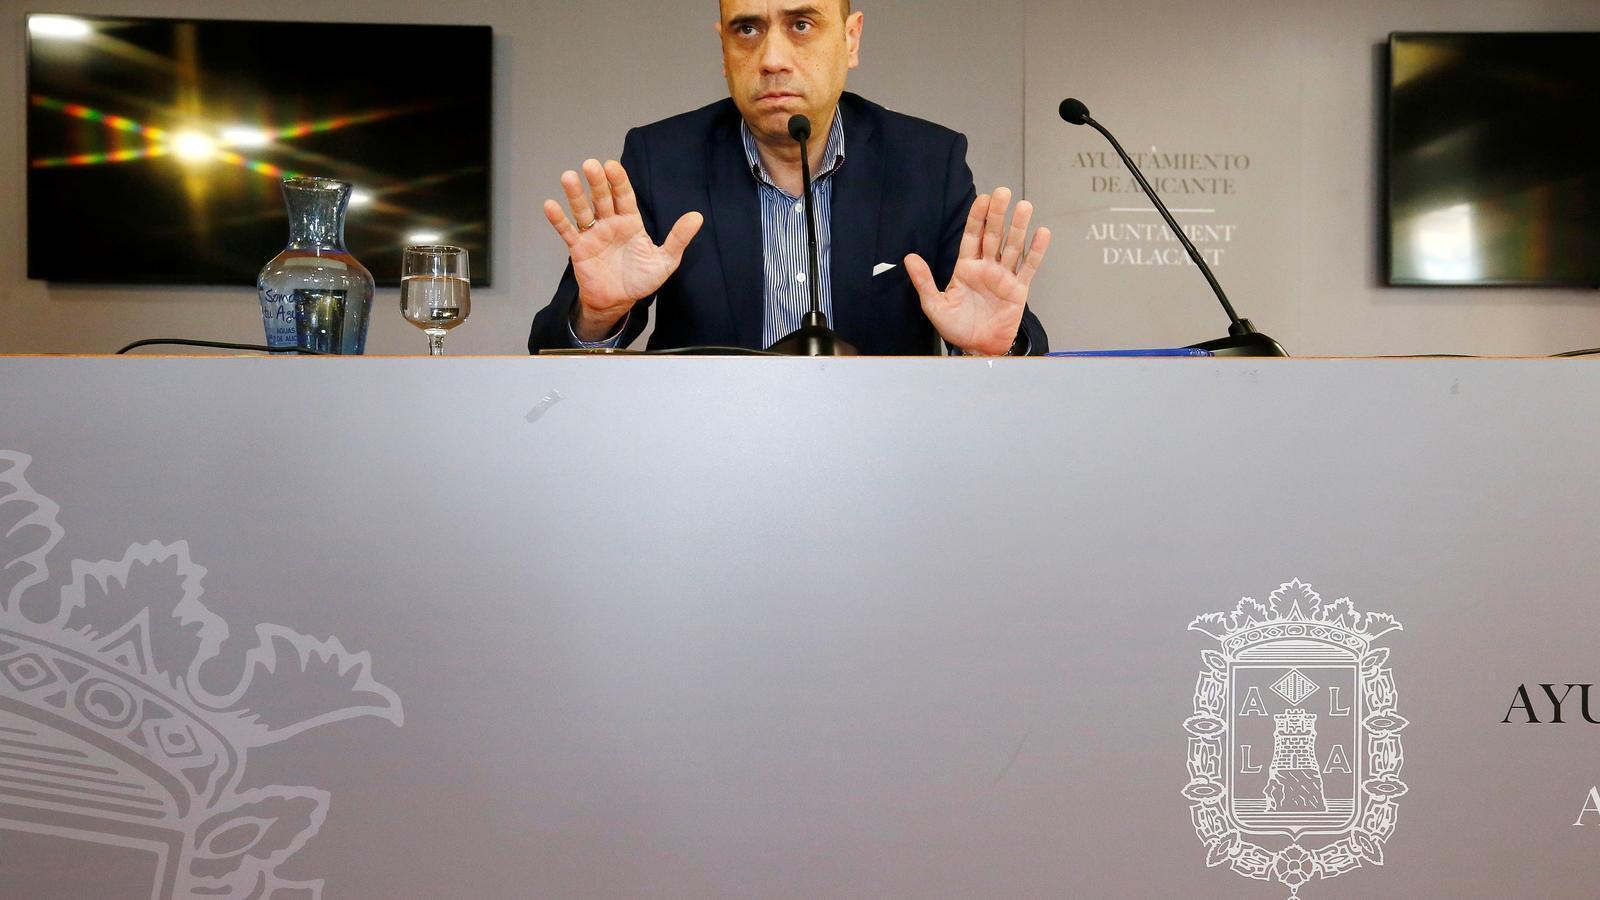 L'alcalde d'Alacant, Gabriel Echávarri, durant una compareixença davant la premsa.